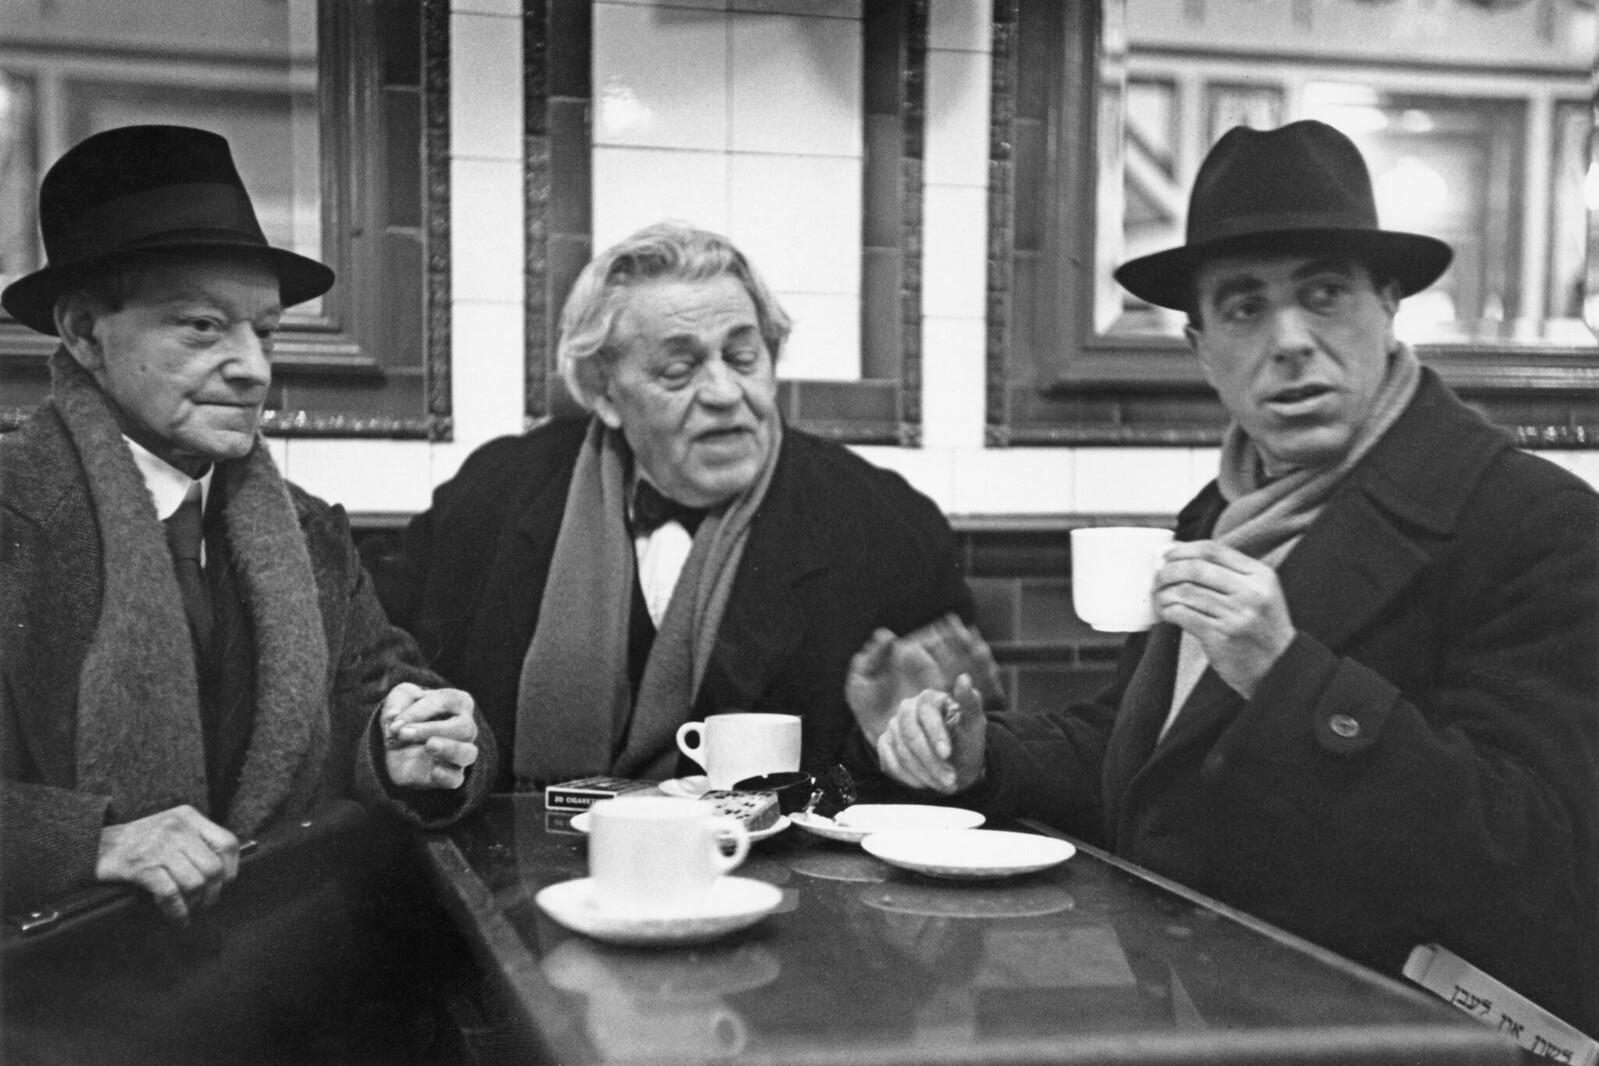 14. Трое евреев пьют чай в Уайтчепеле